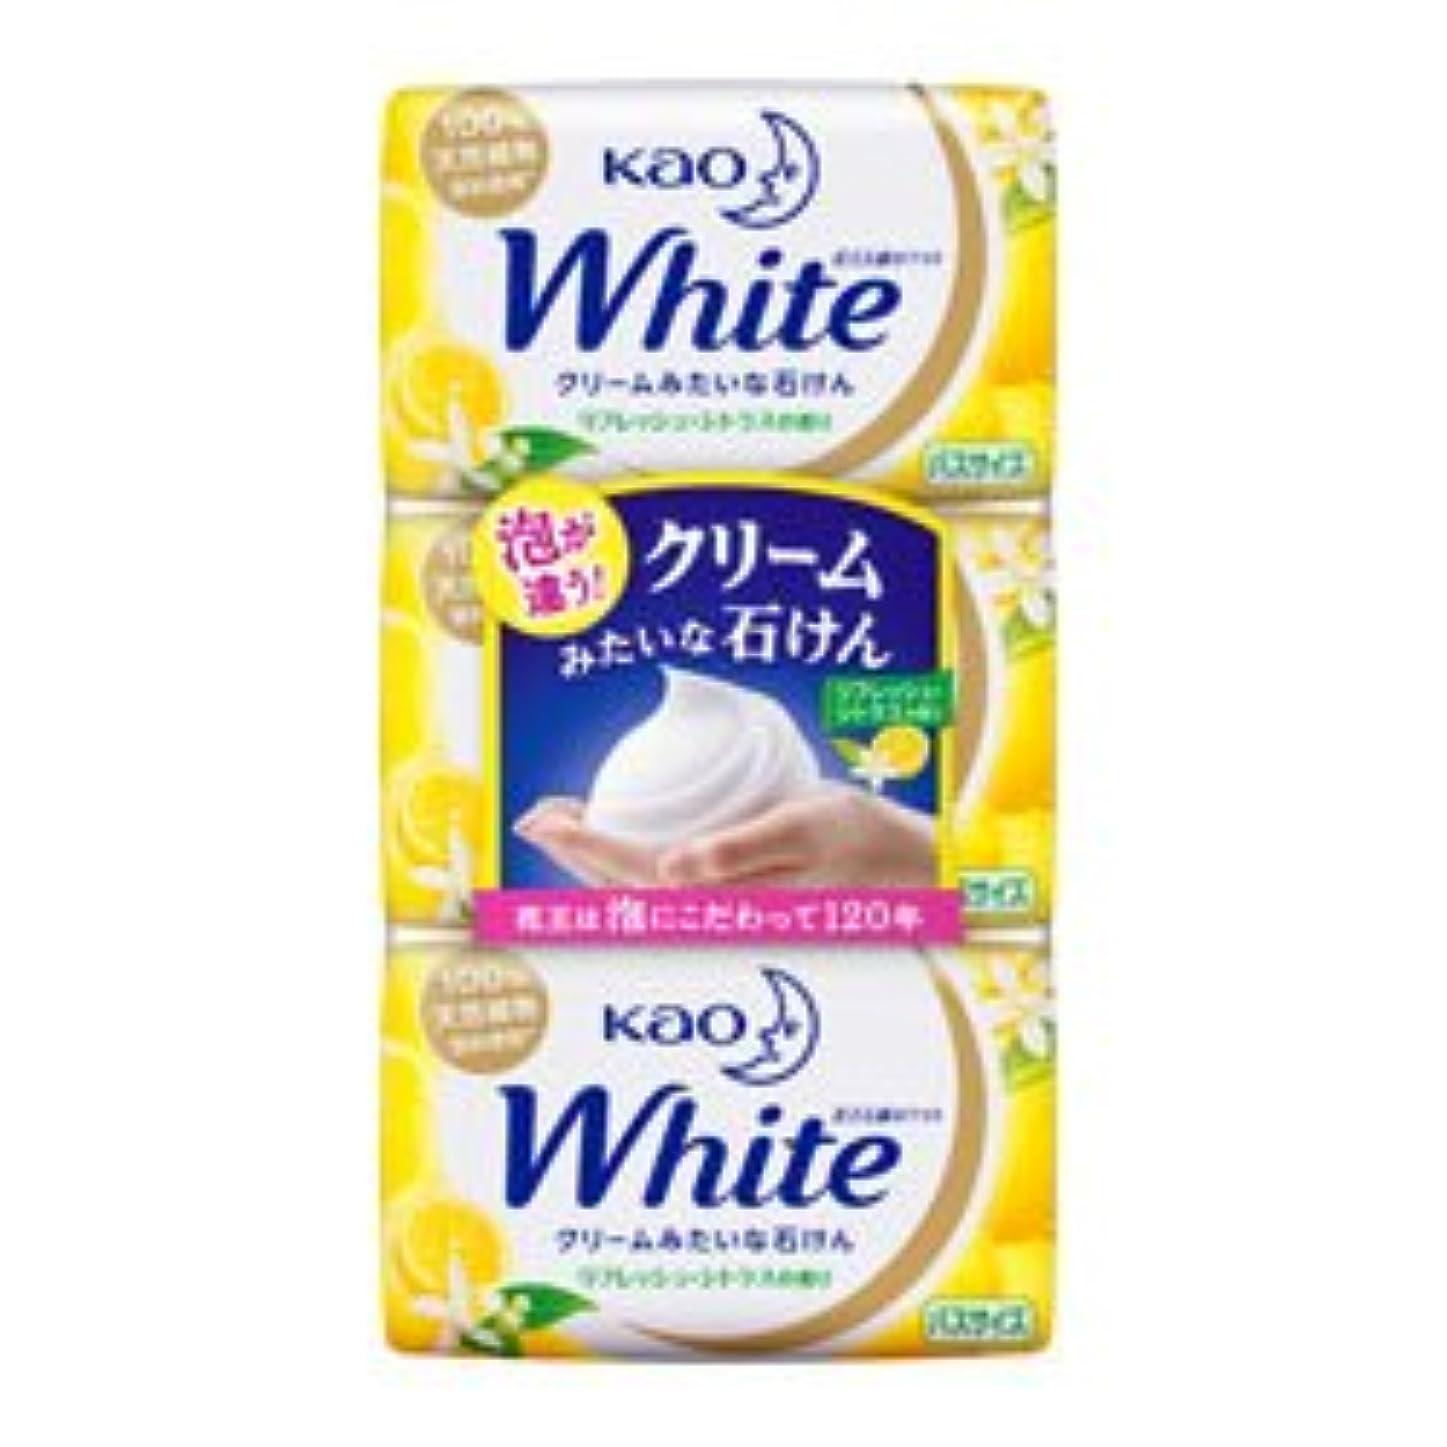 合理的構成する農業の【花王】ホワイト リフレッシュ?シトラスの香り バスサイズ 130g×3個入 ×20個セット